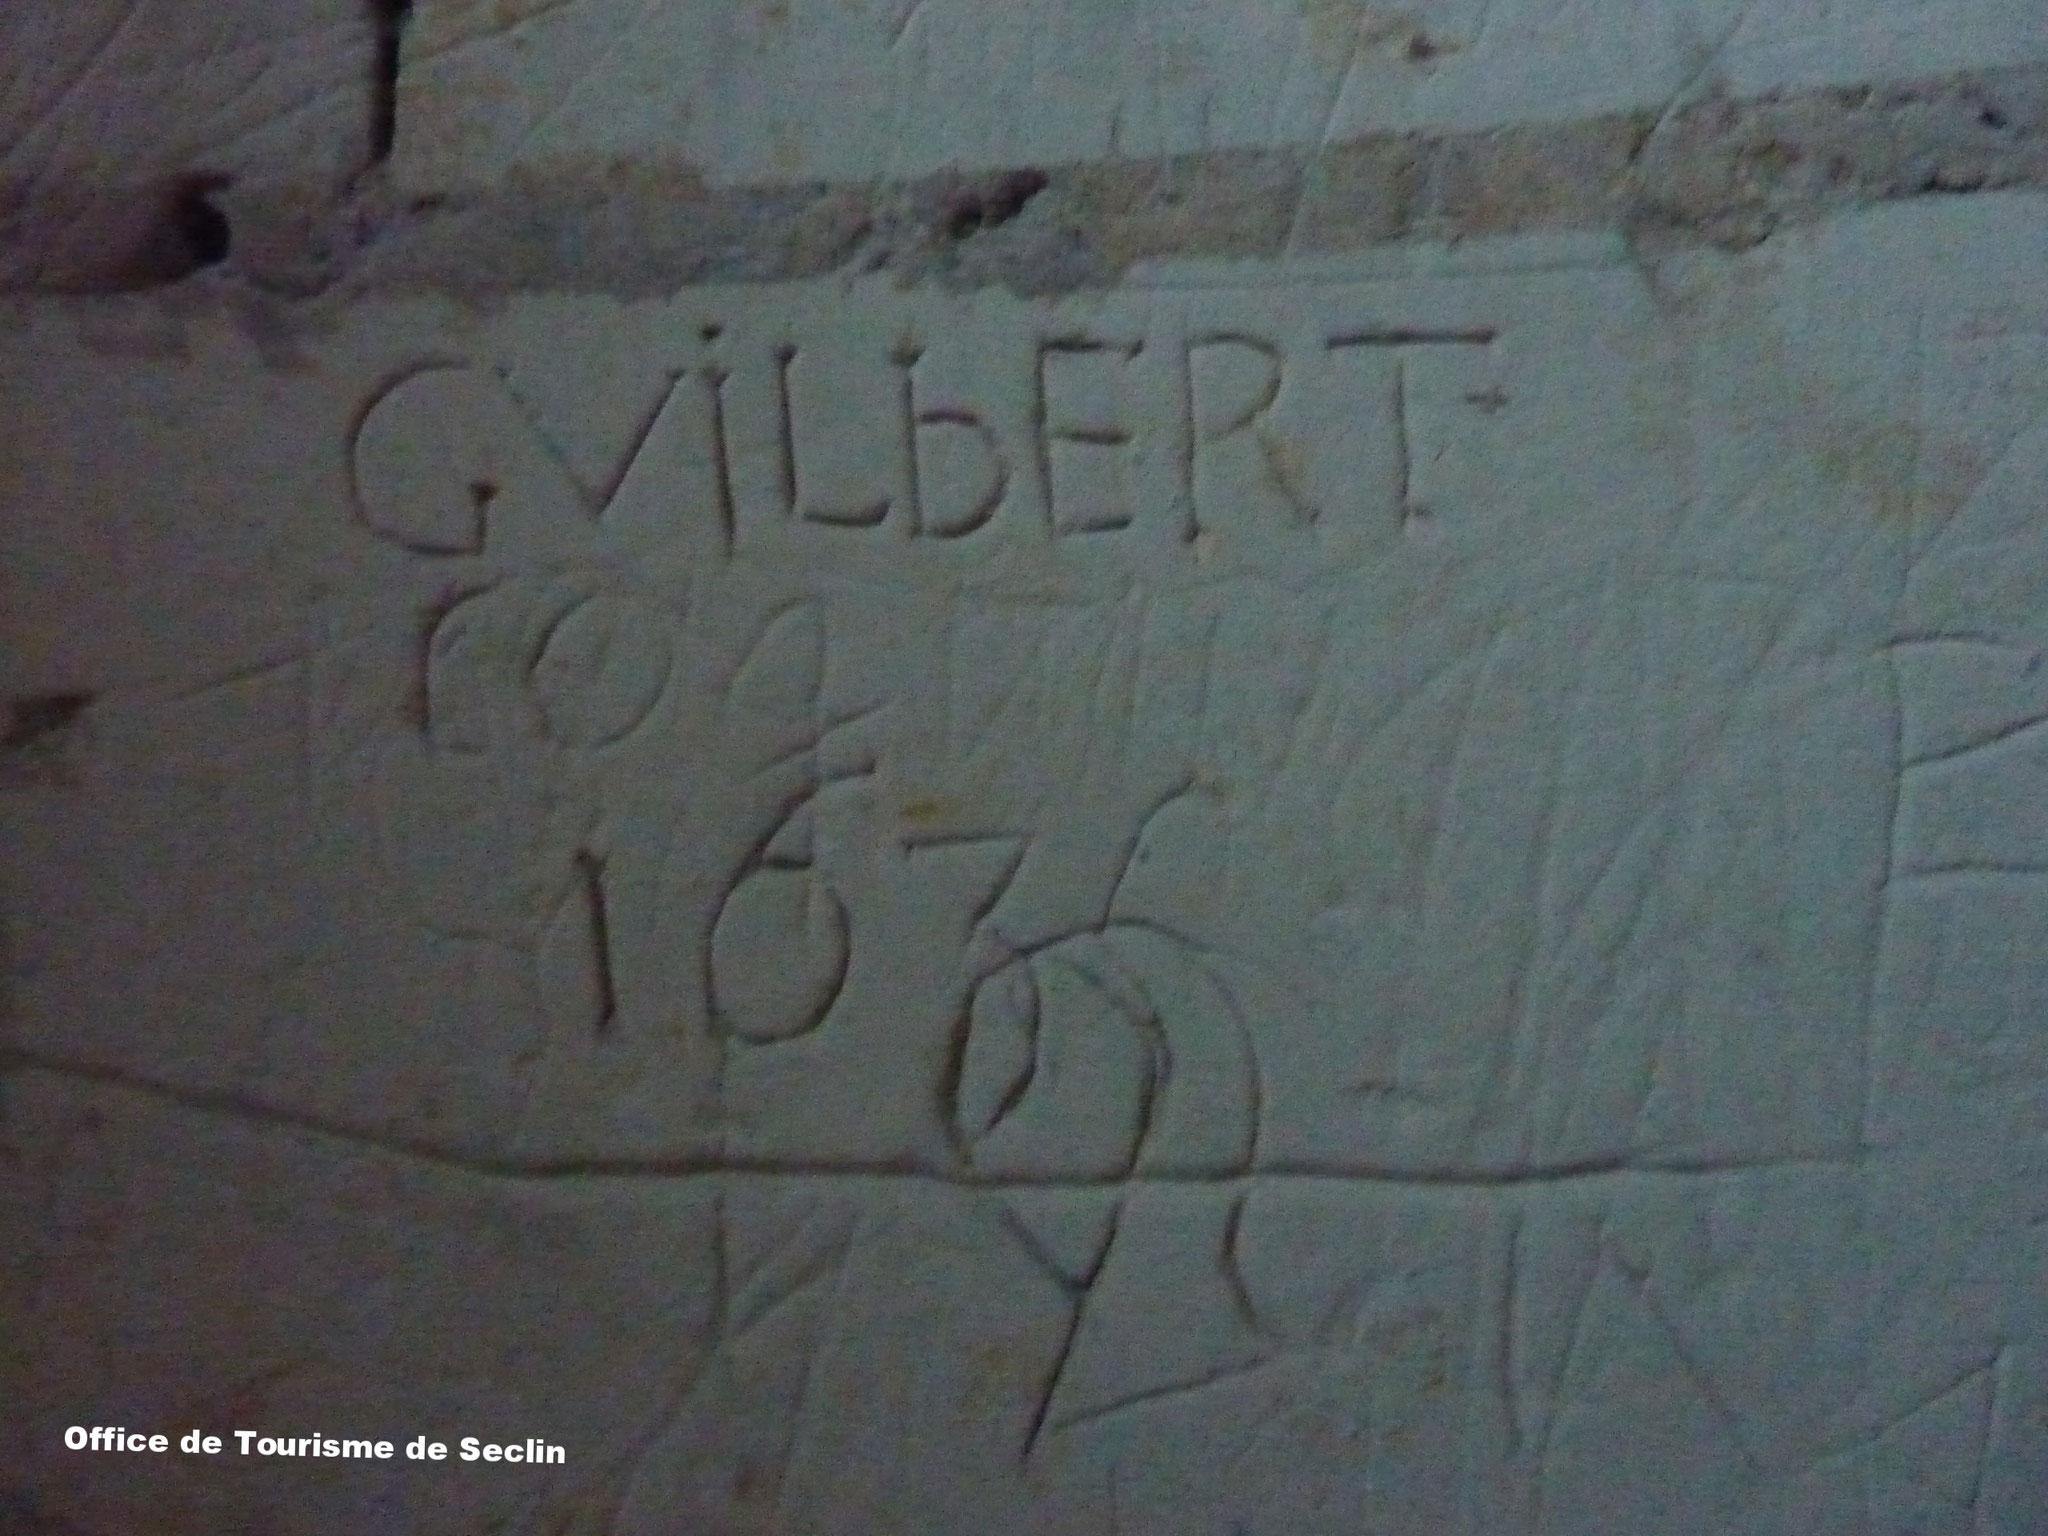 Collégiale St Piat de Seclin - Mur de la petit tour - Graffiti (crédit : Office de Tourisme de Seclin & Environs)